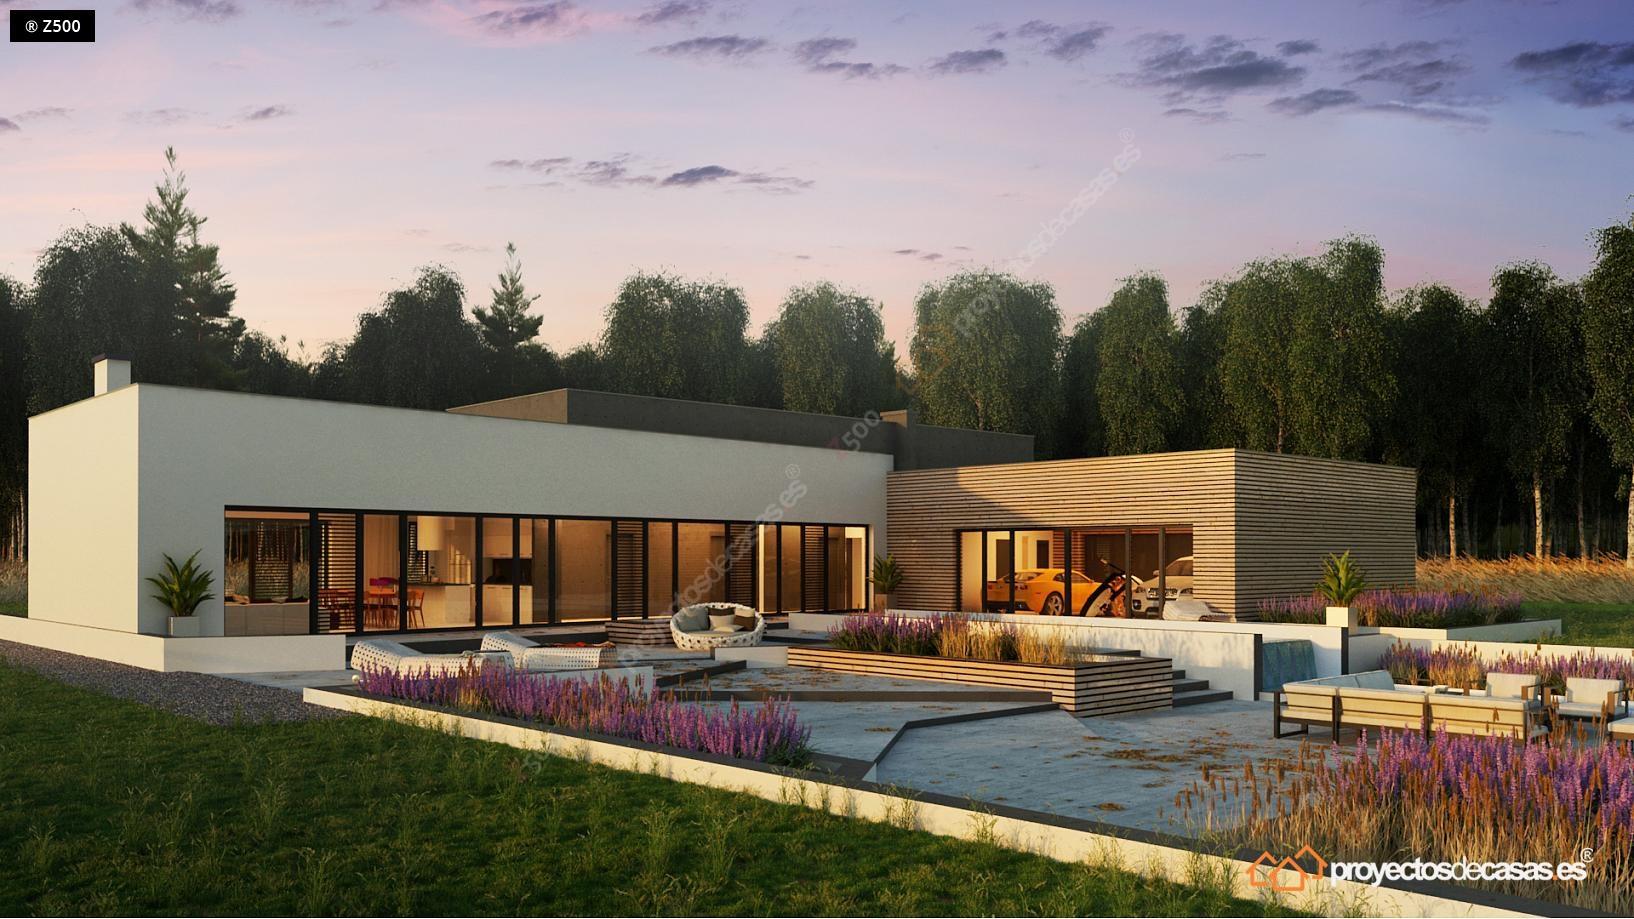 casa moderna roca llisa con piscina y garaje a la vista